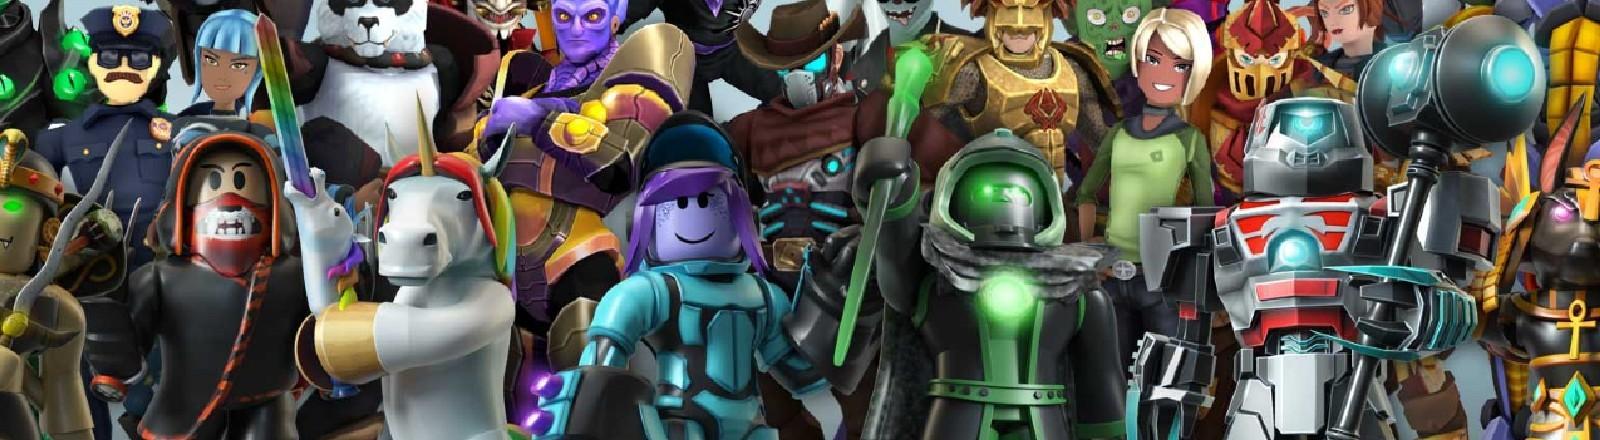 Übersicht aller Spielfiguren der Spieleplattform Roblox.